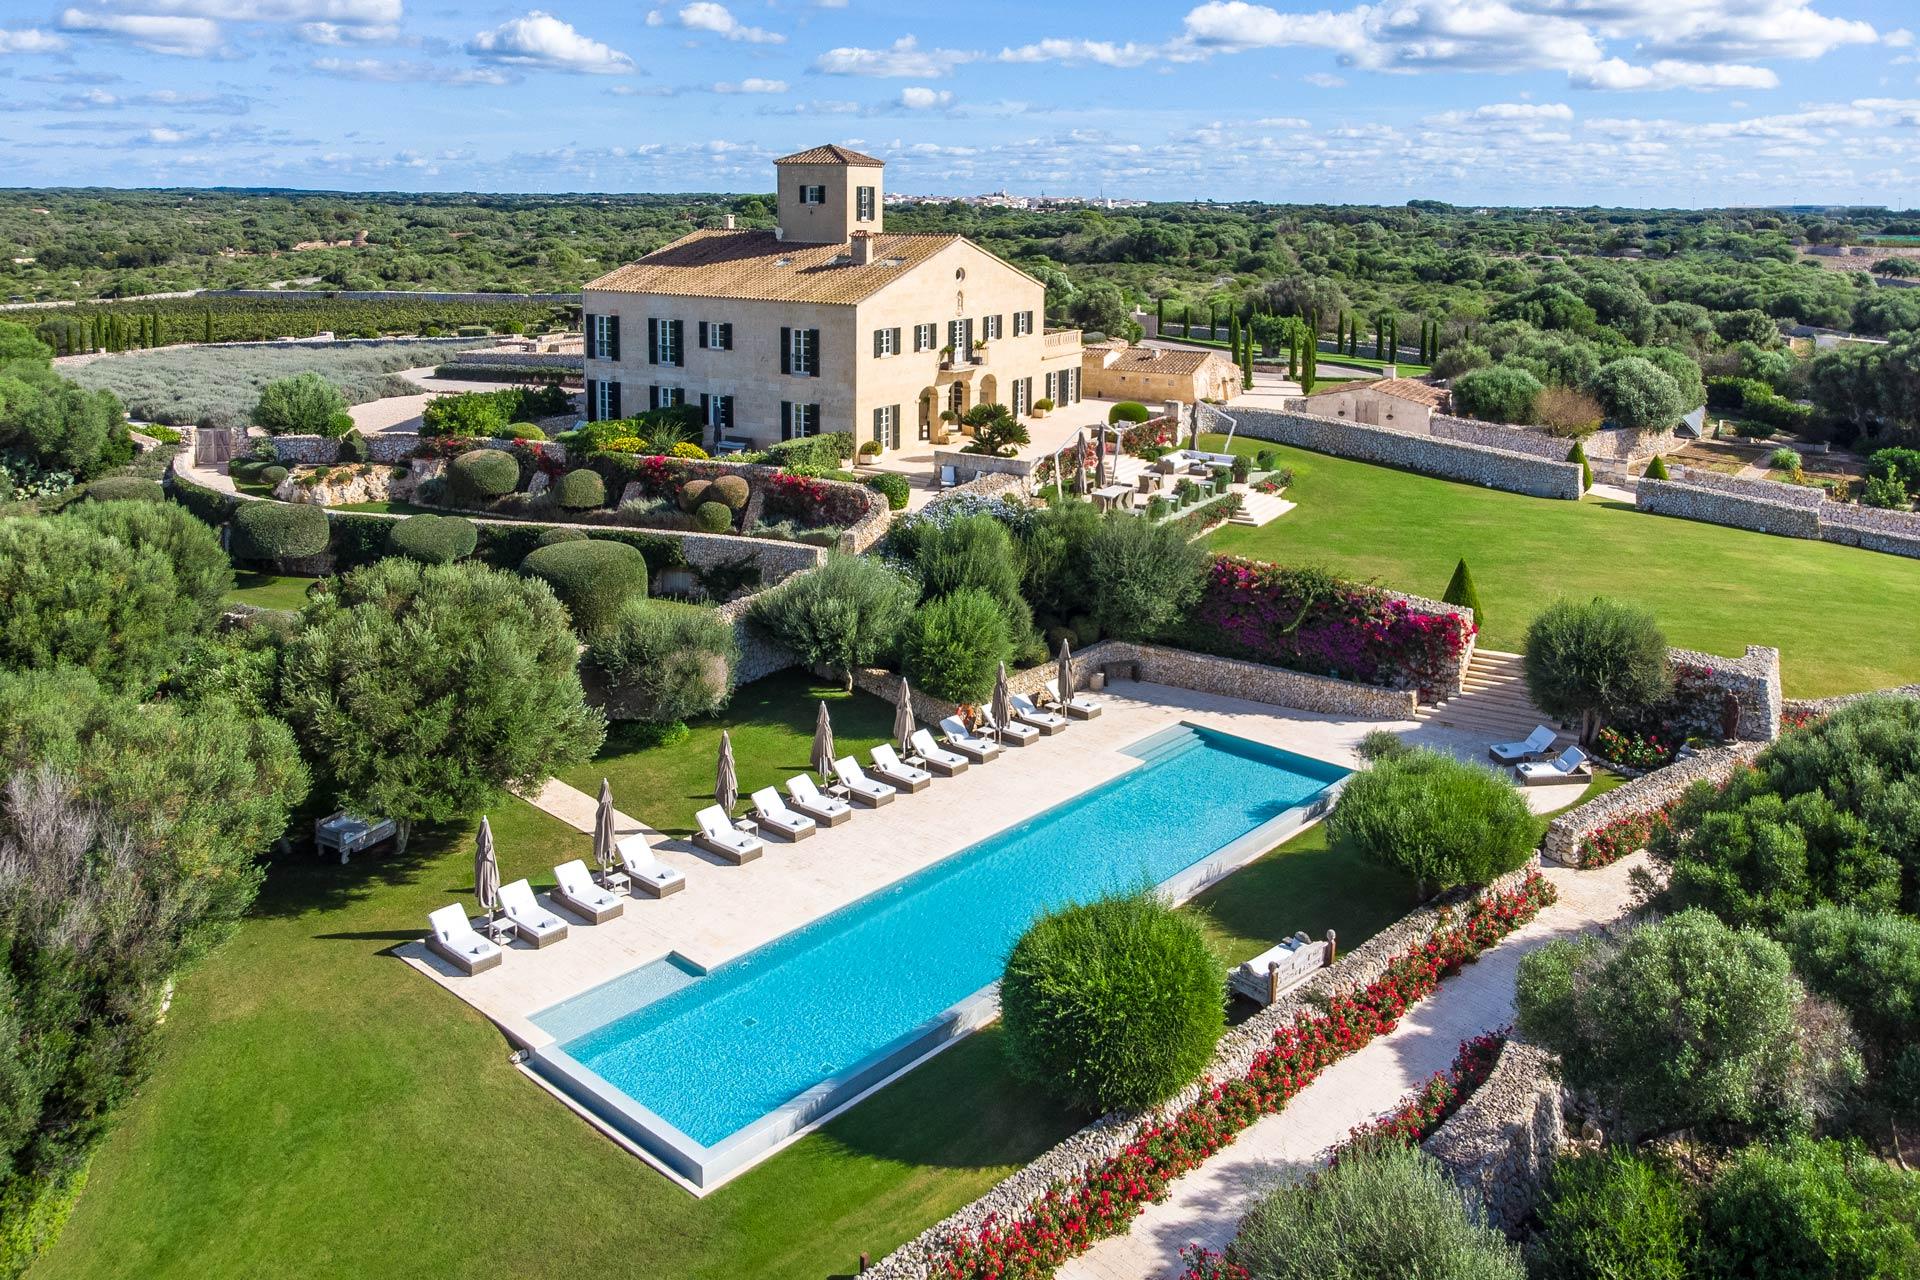 El hotel más lujoso y exclusivo de Menorca